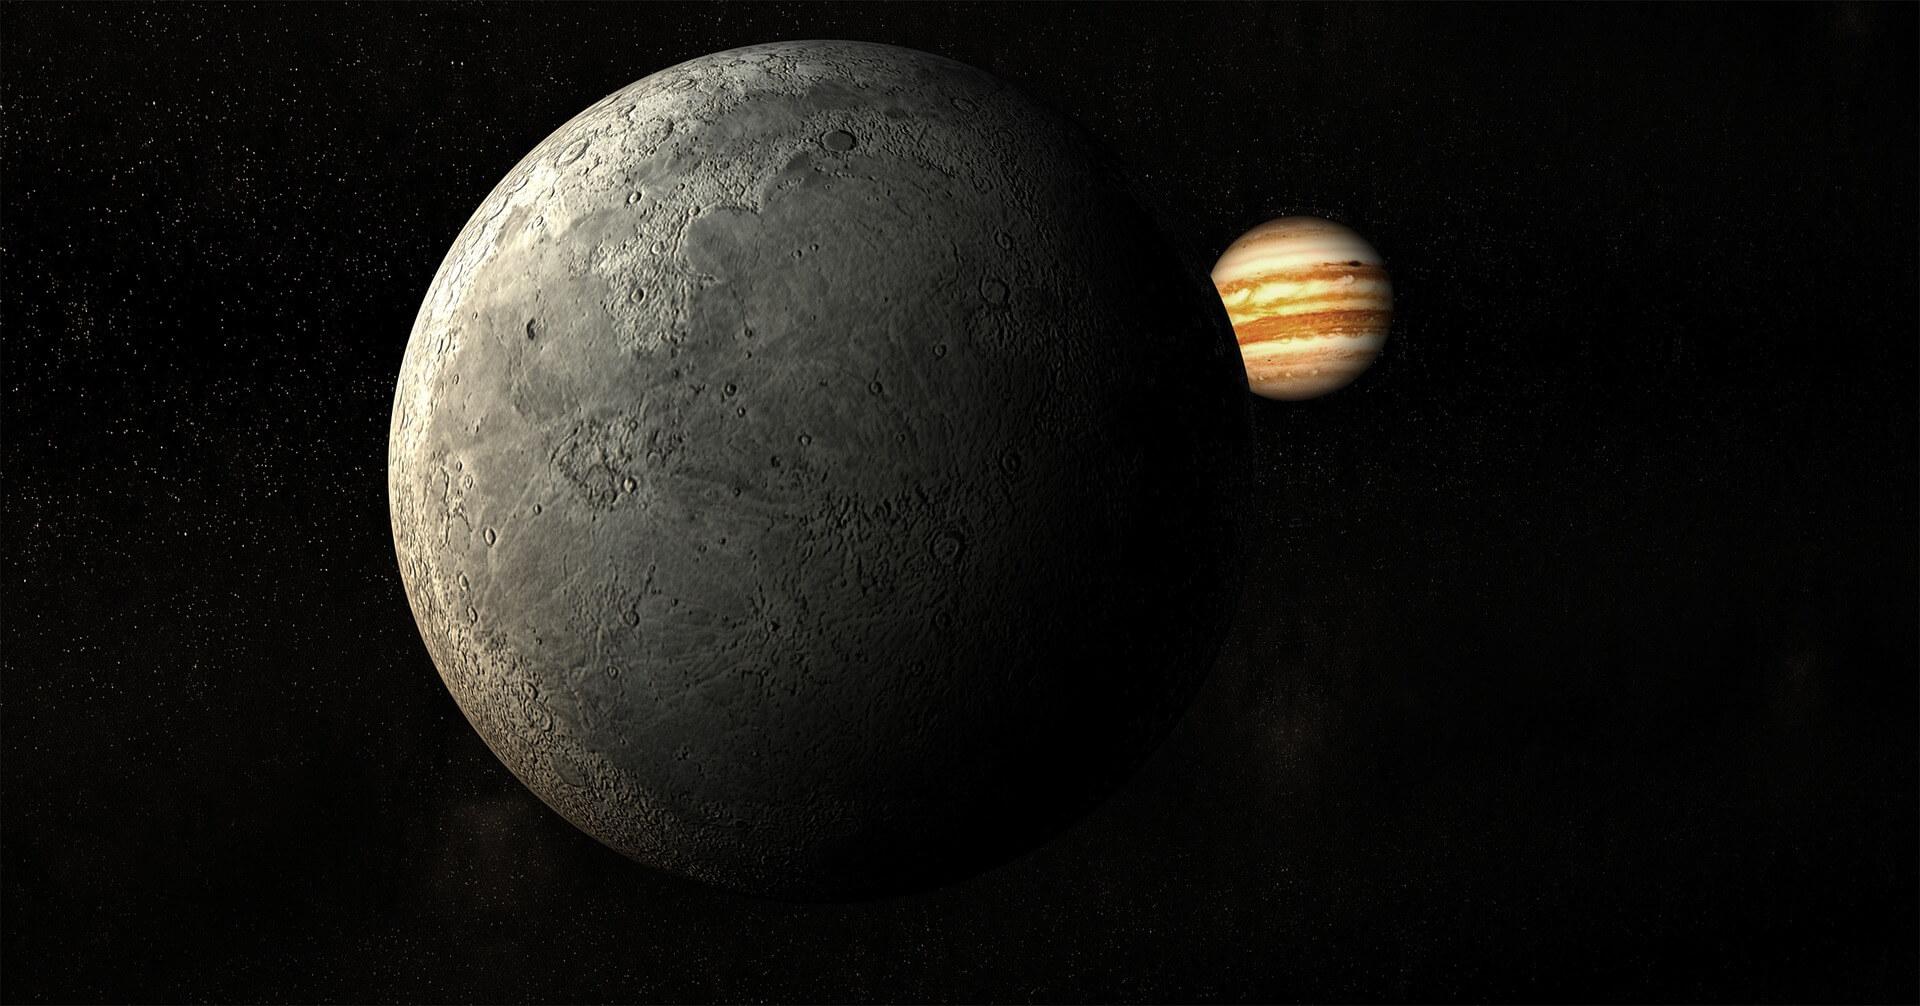 moon-1817885_1920 (1)